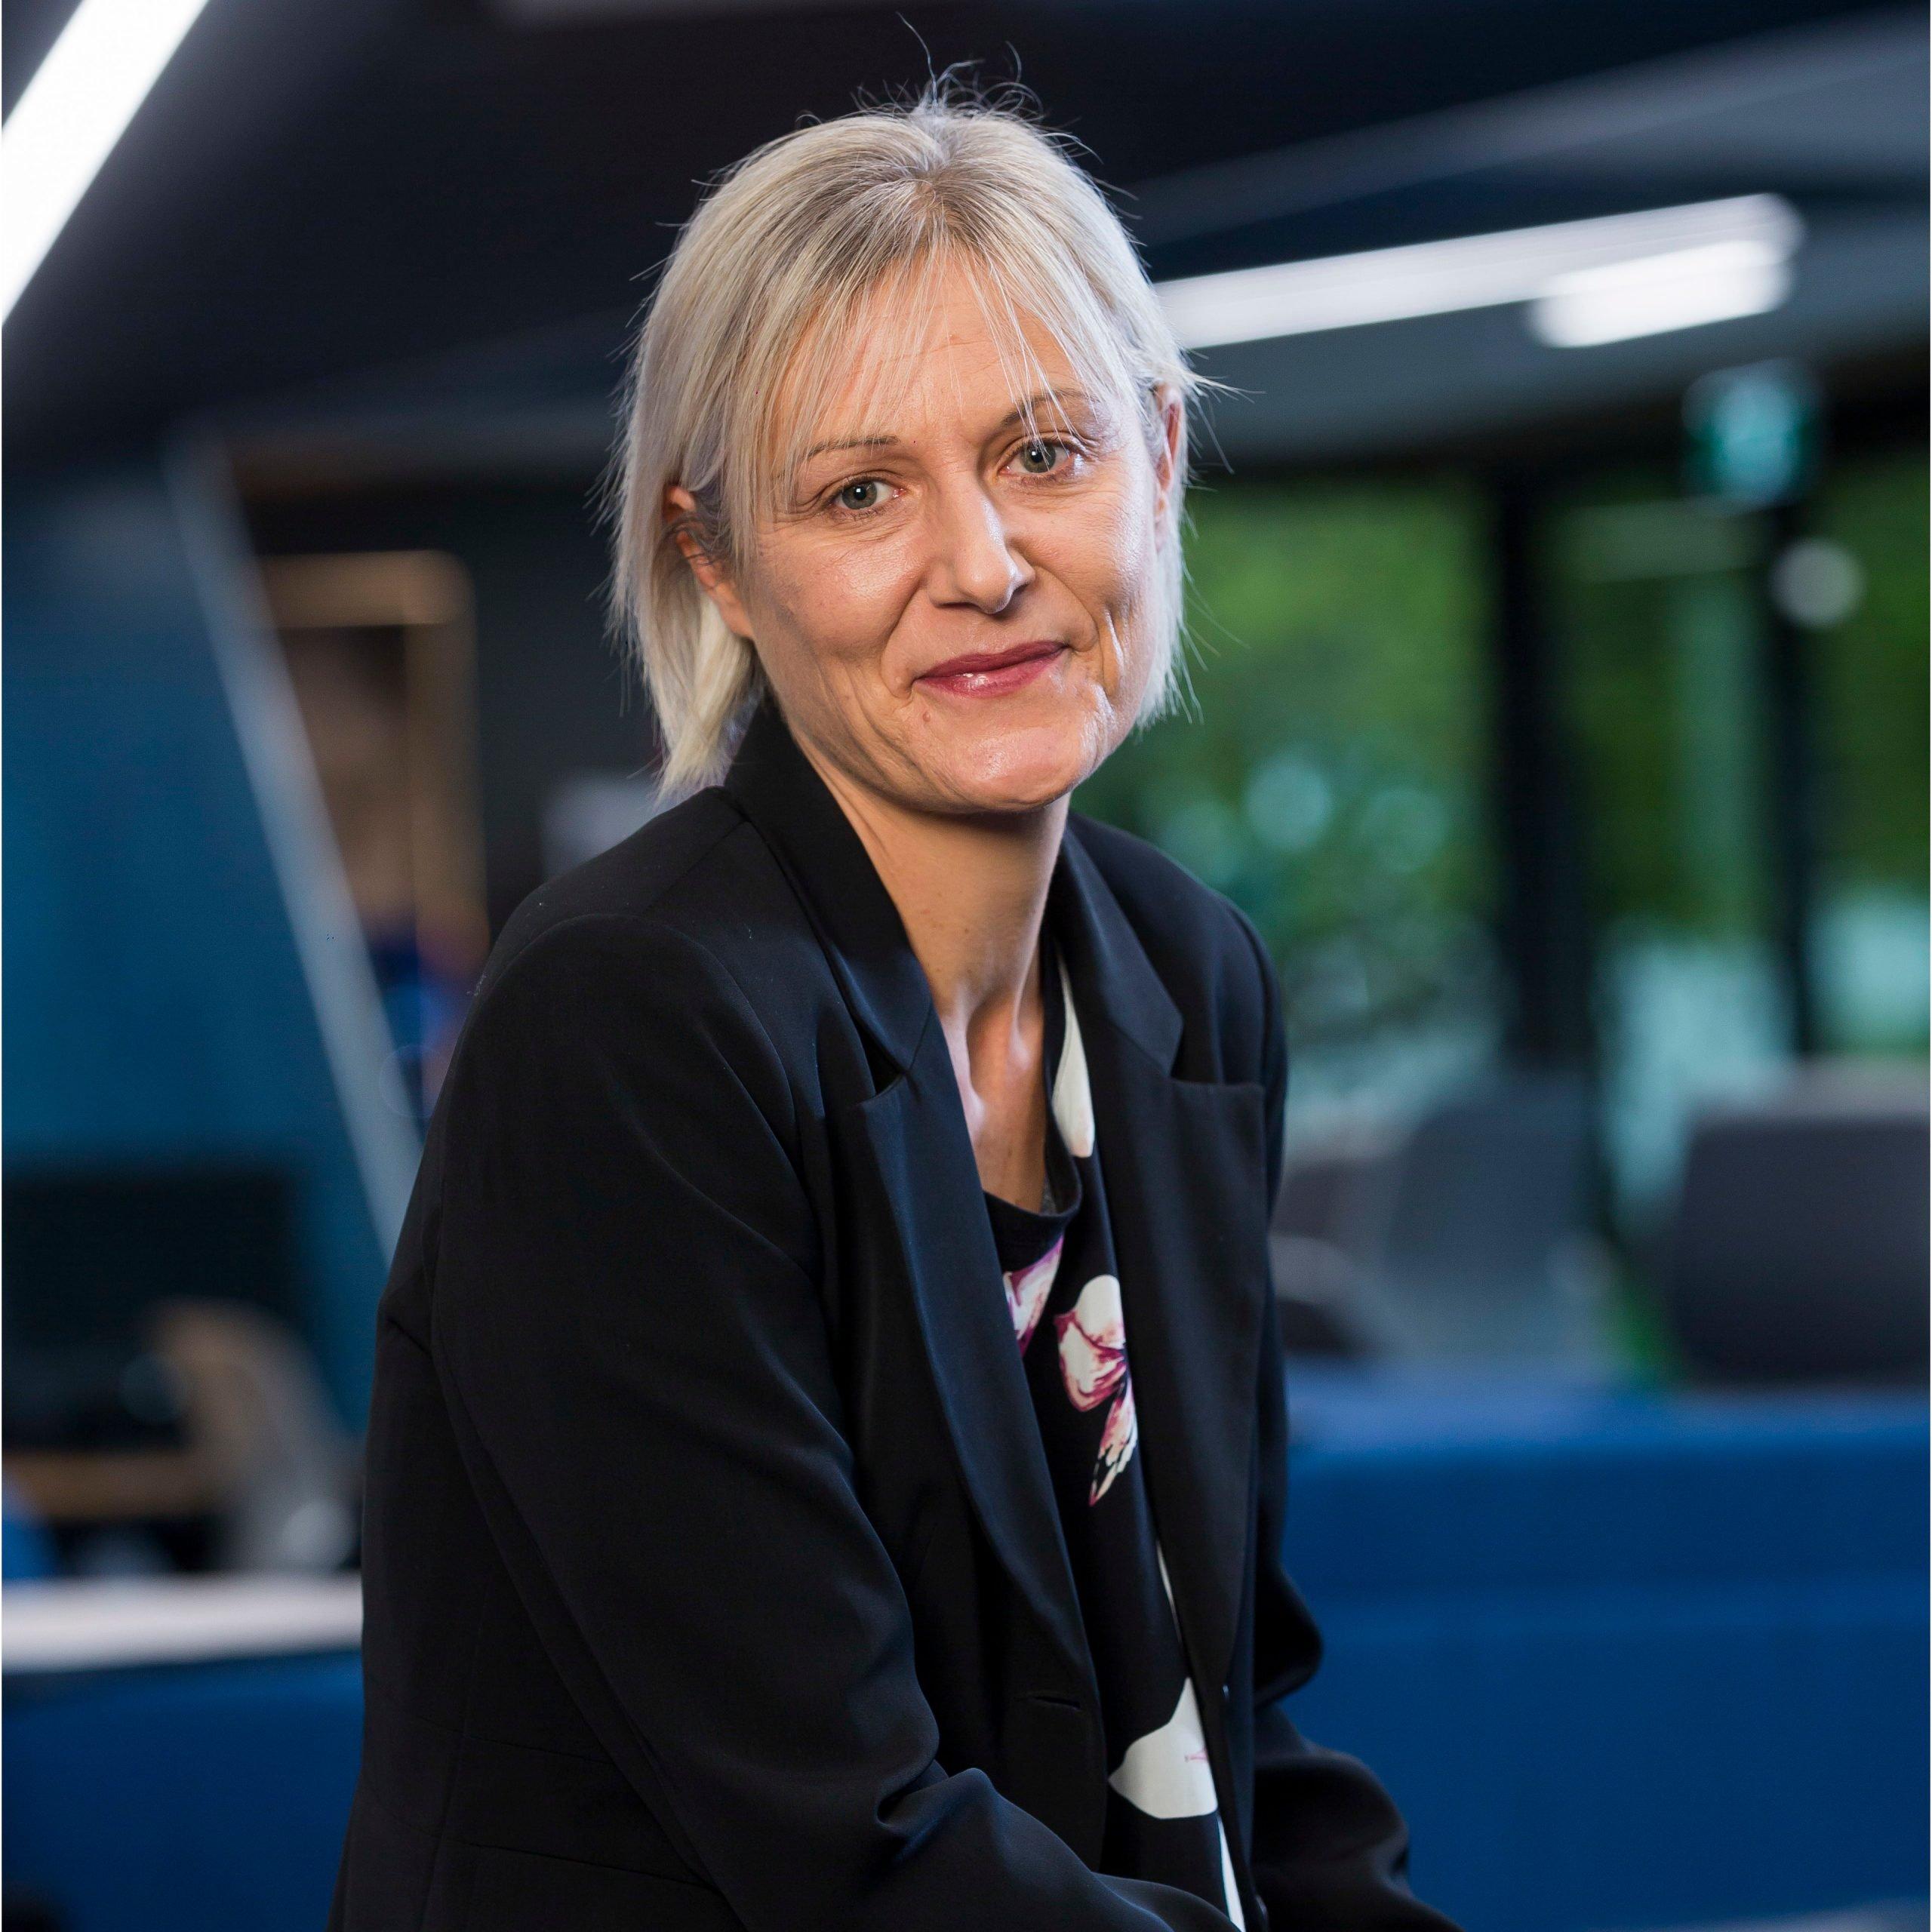 Professor Britt Klein